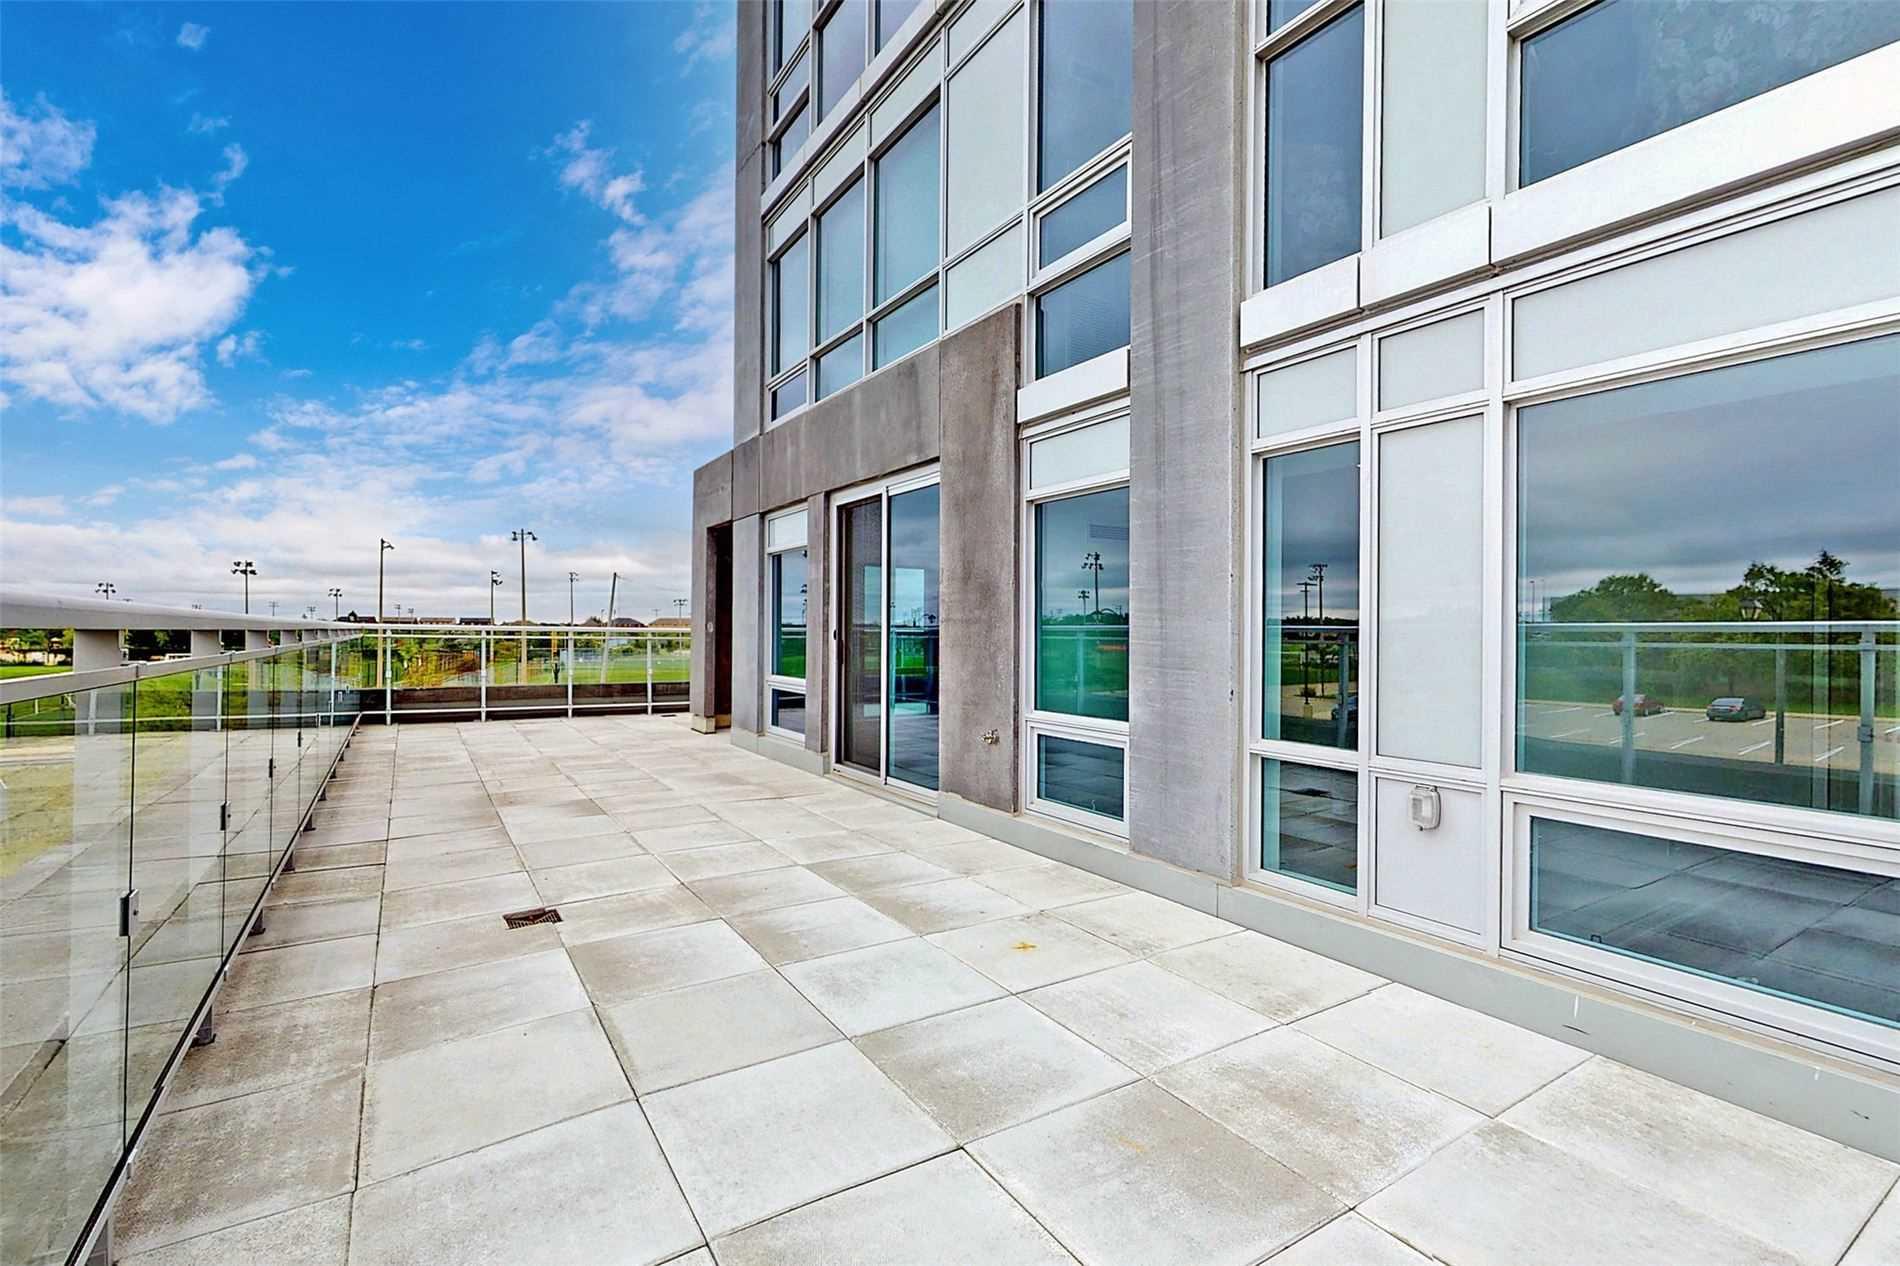 221 - 1050 Main St E - Dempsey Condo Apt for sale, 3 Bedrooms (W5398557) - #36